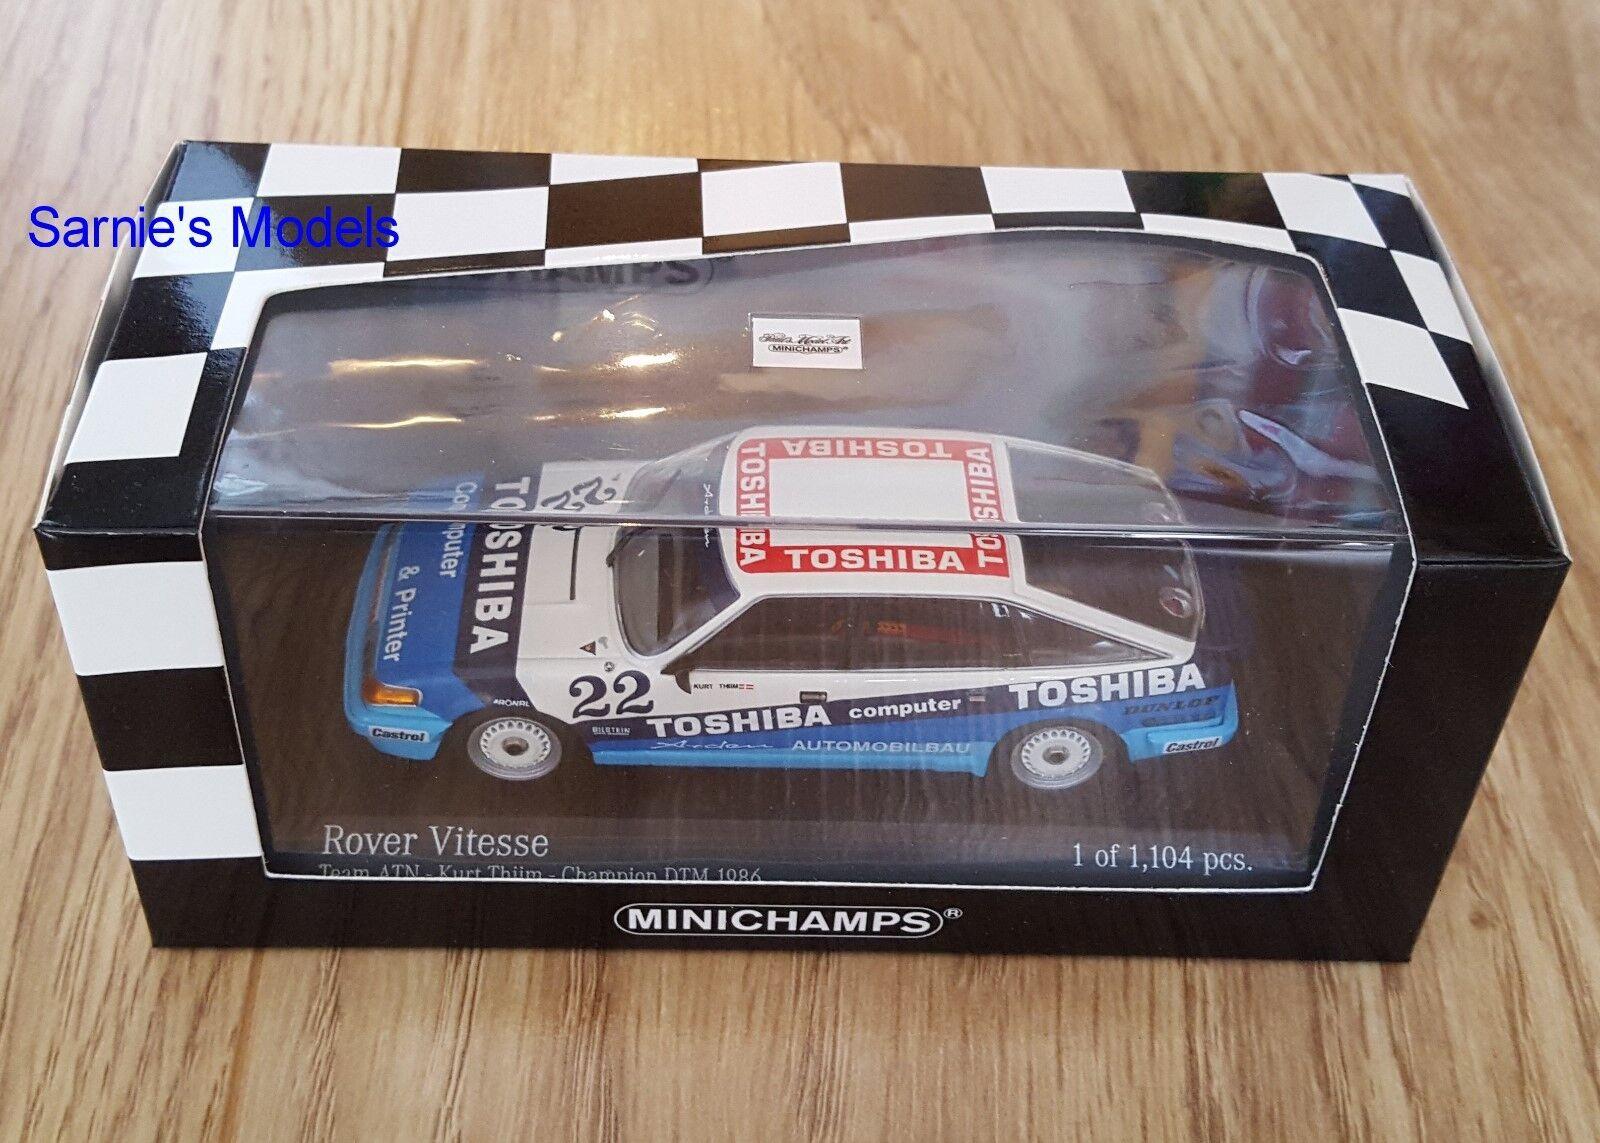 Minichamps-Rover SD1 Vitesse, Kurt Thiim Dtm Champion 1986, 1of1104 - 1 43 NEUF